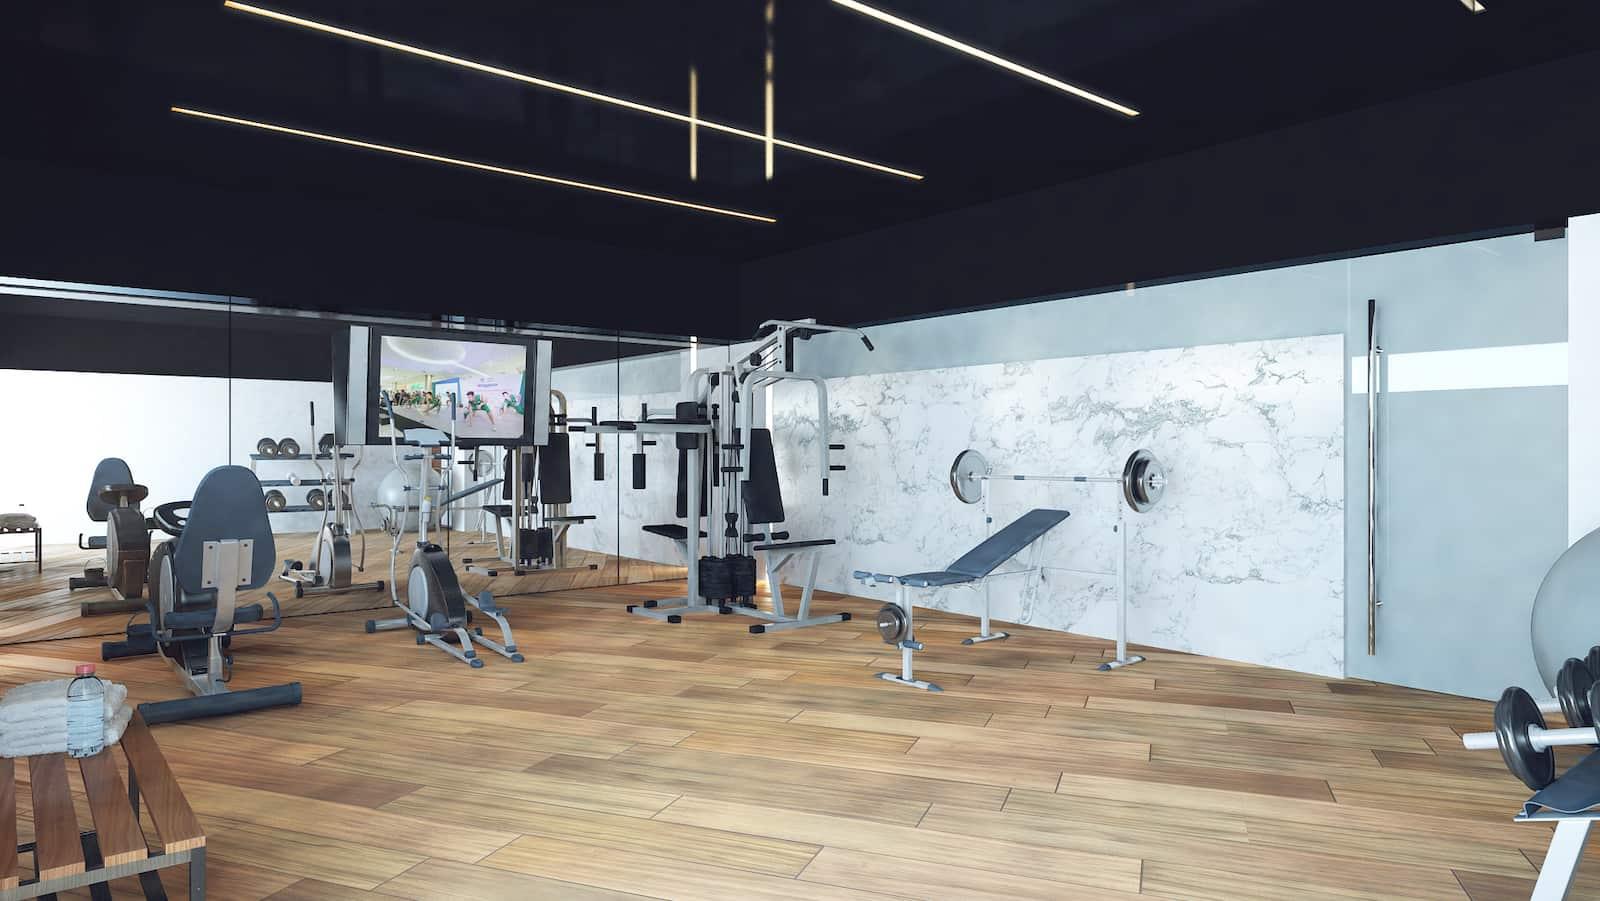 casabosquerealvr07-CVBR-Gym